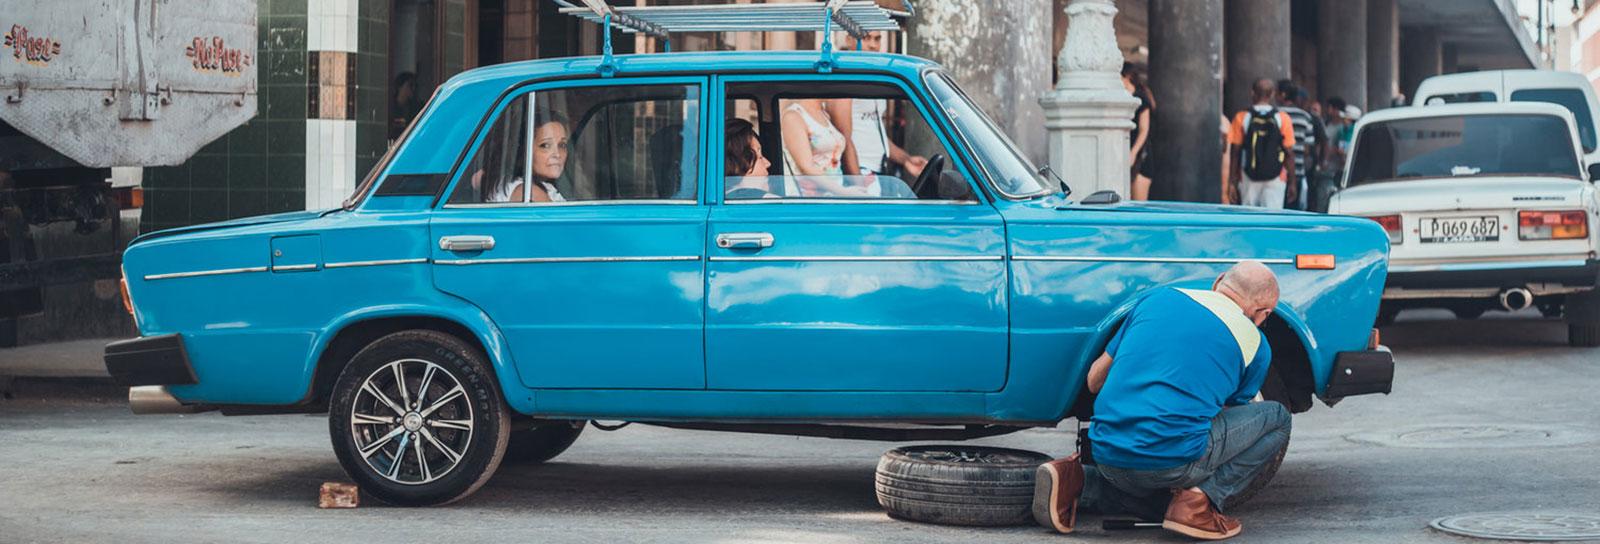 A lente desse fotógrafo retrata uma Cuba que parece saída do cinema